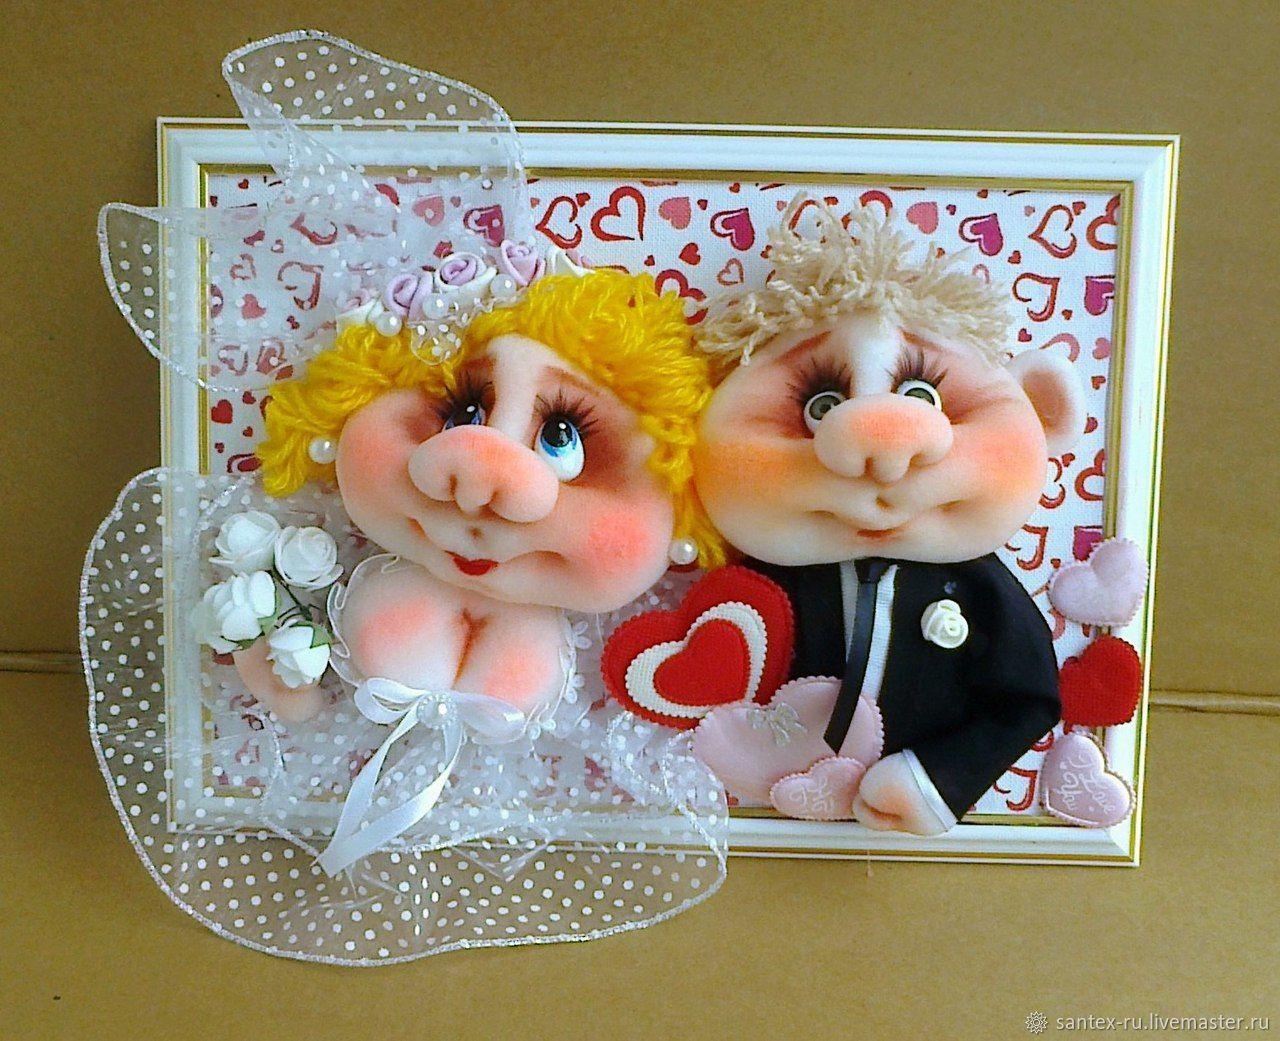 Подарок на перламутровую свадьбу своими руками 98